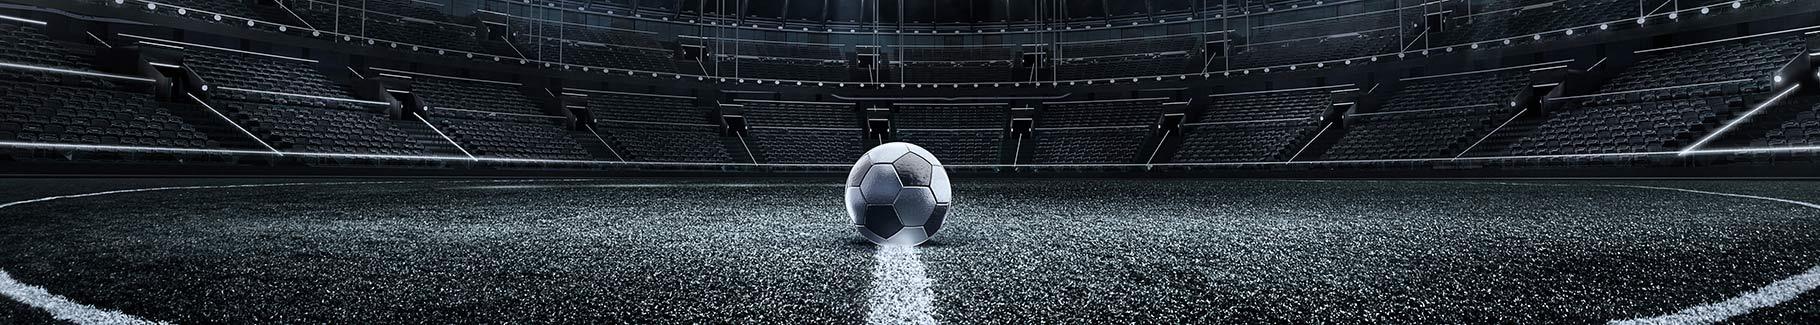 Fototapeta piłka nożna Camp Nou